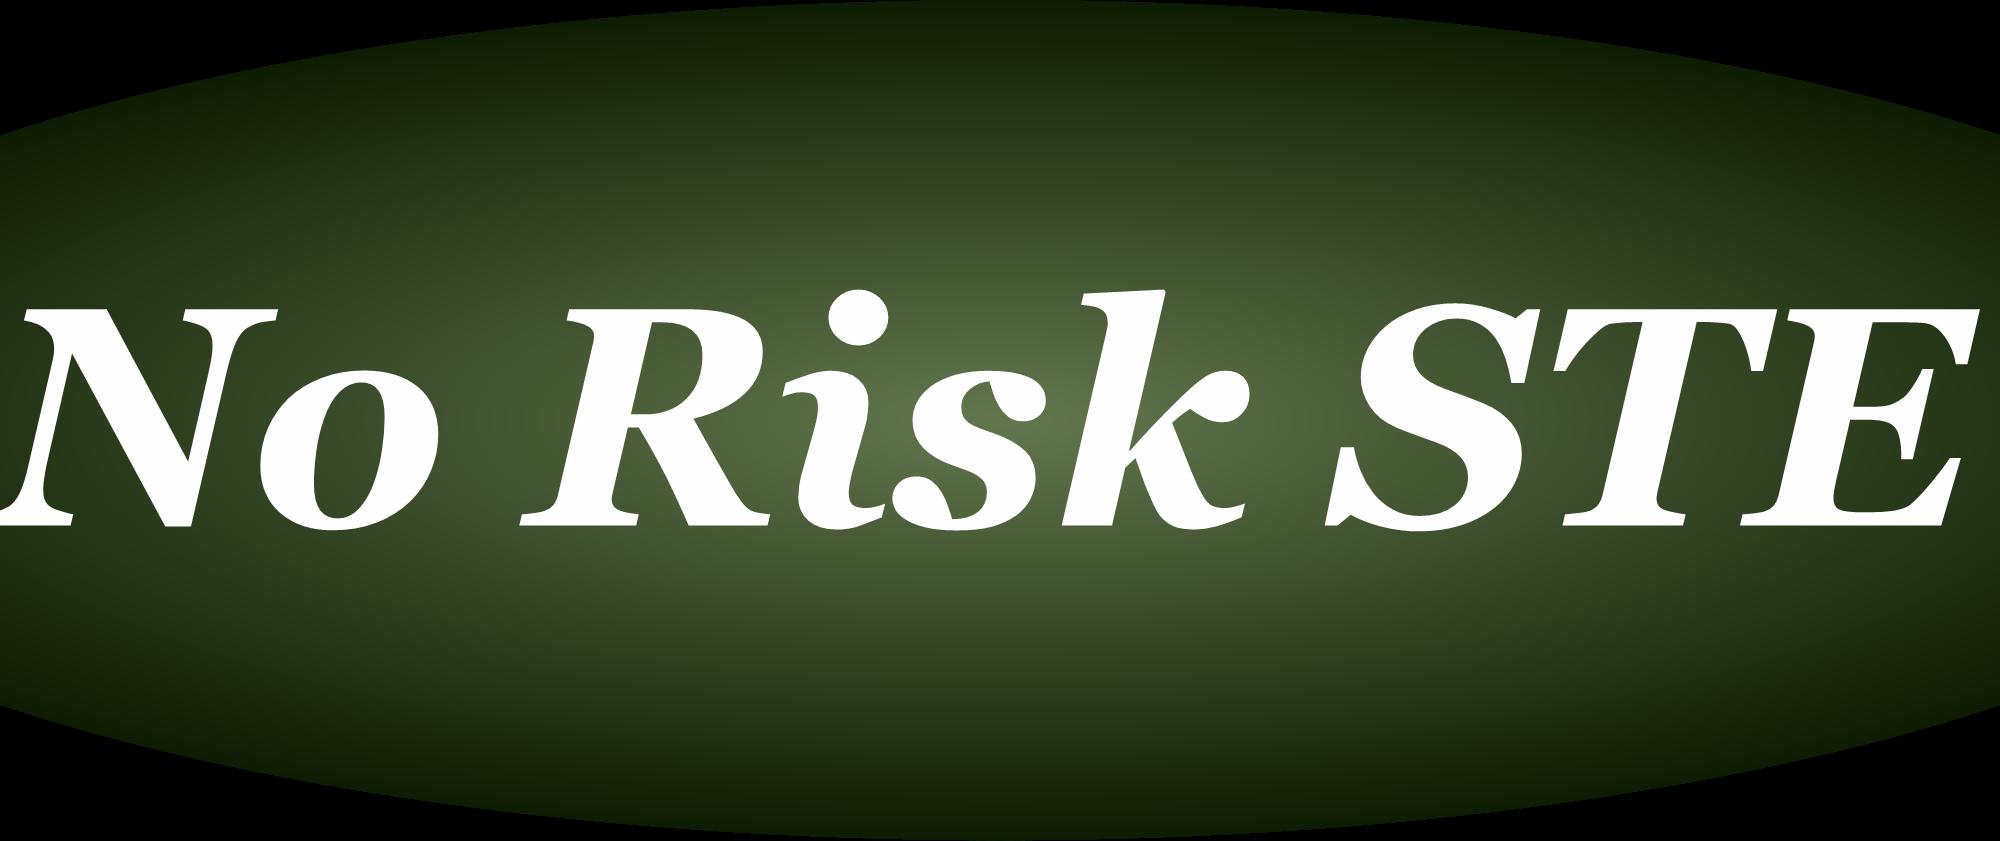 No Risk STE